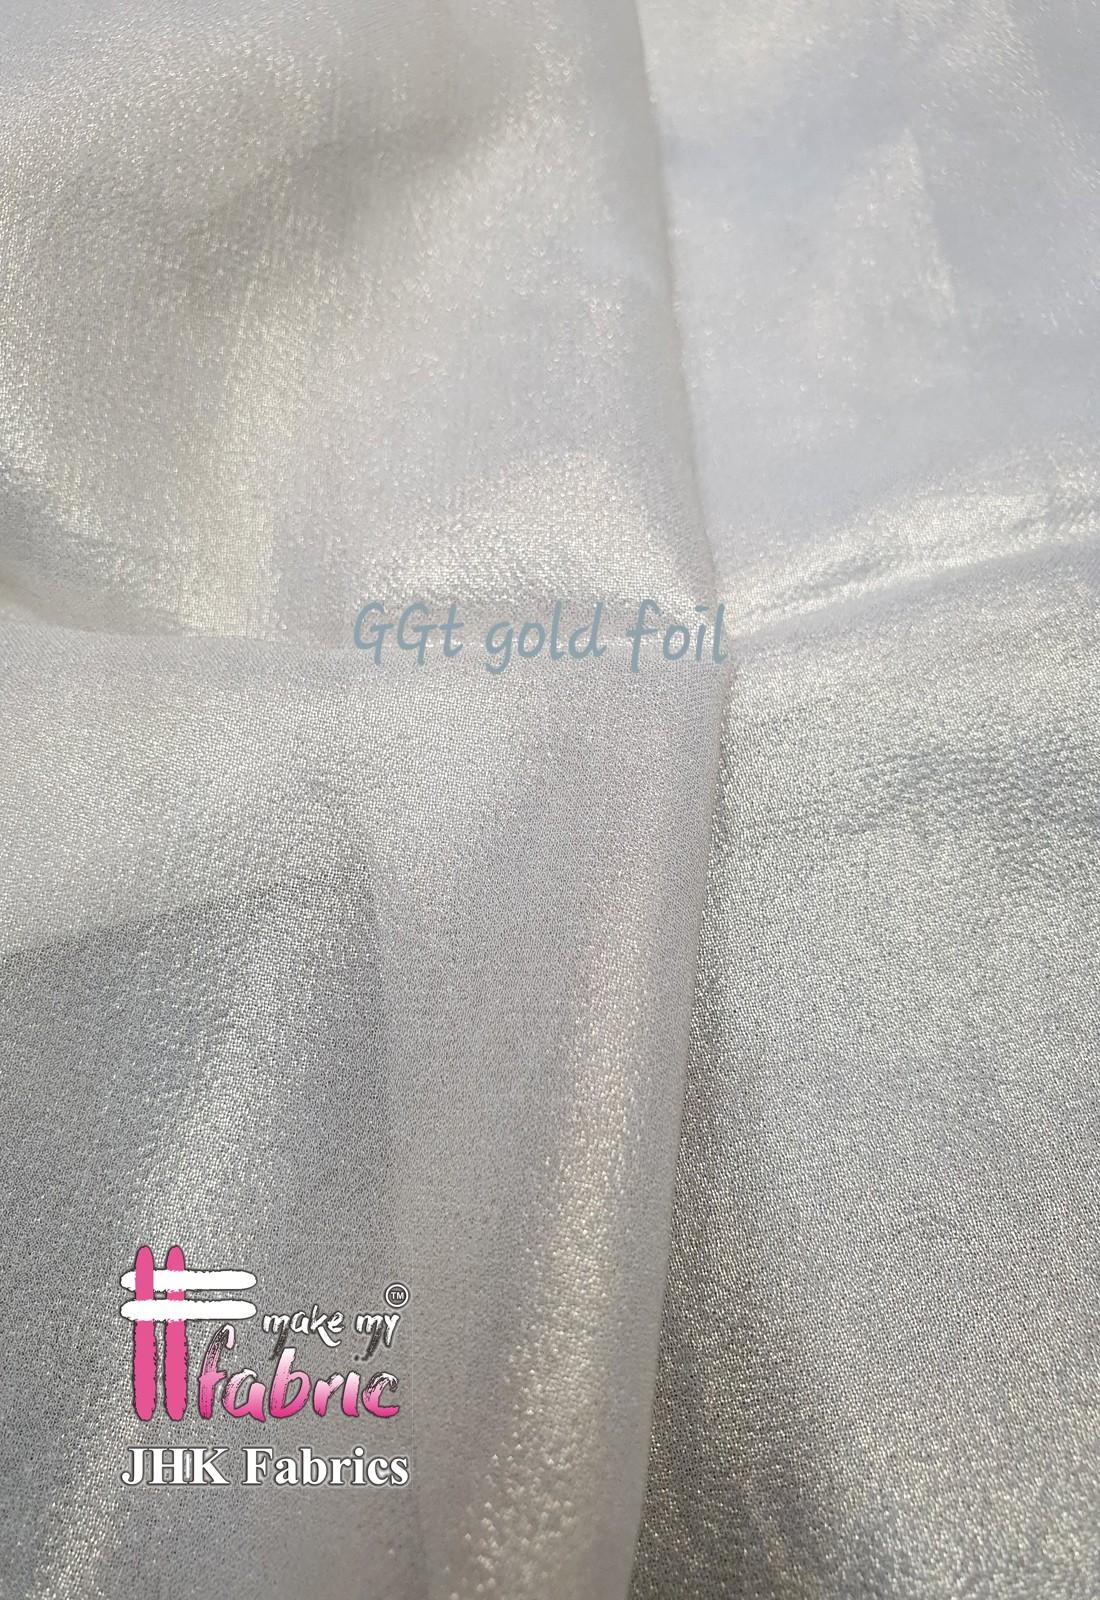 Ggt Gold Foil